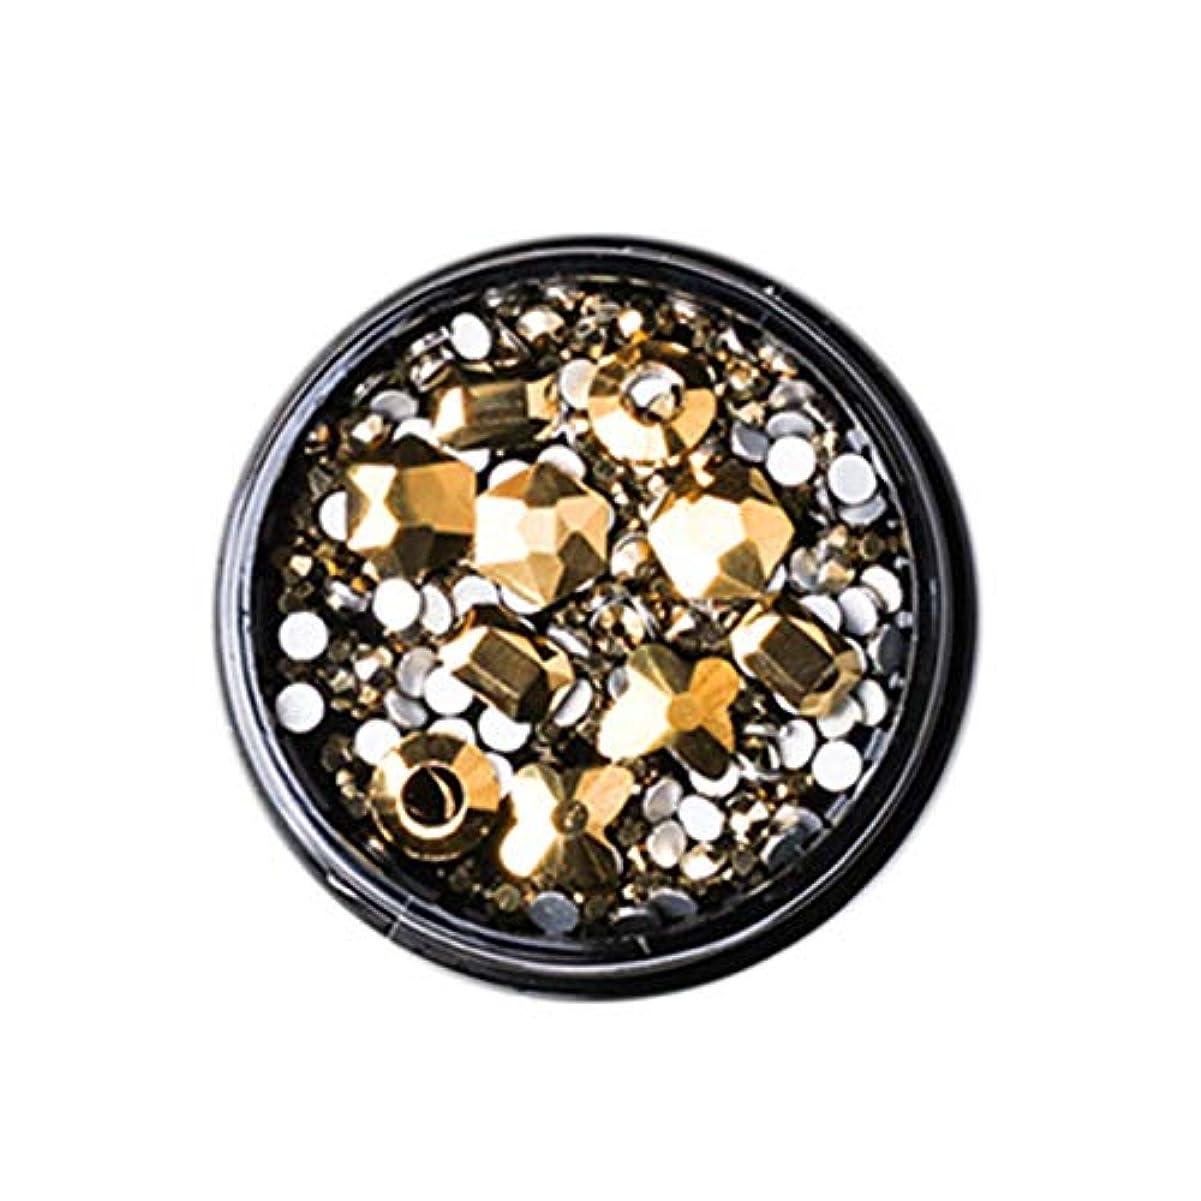 持ってるタオル伝記Gaoominy 1ボックス混合3dラインストーンネイルアートの装飾クリスタル宝石ジュエリーゴールド光沢のある石チャームガラスマニキュアアクセサリー、ゴールド